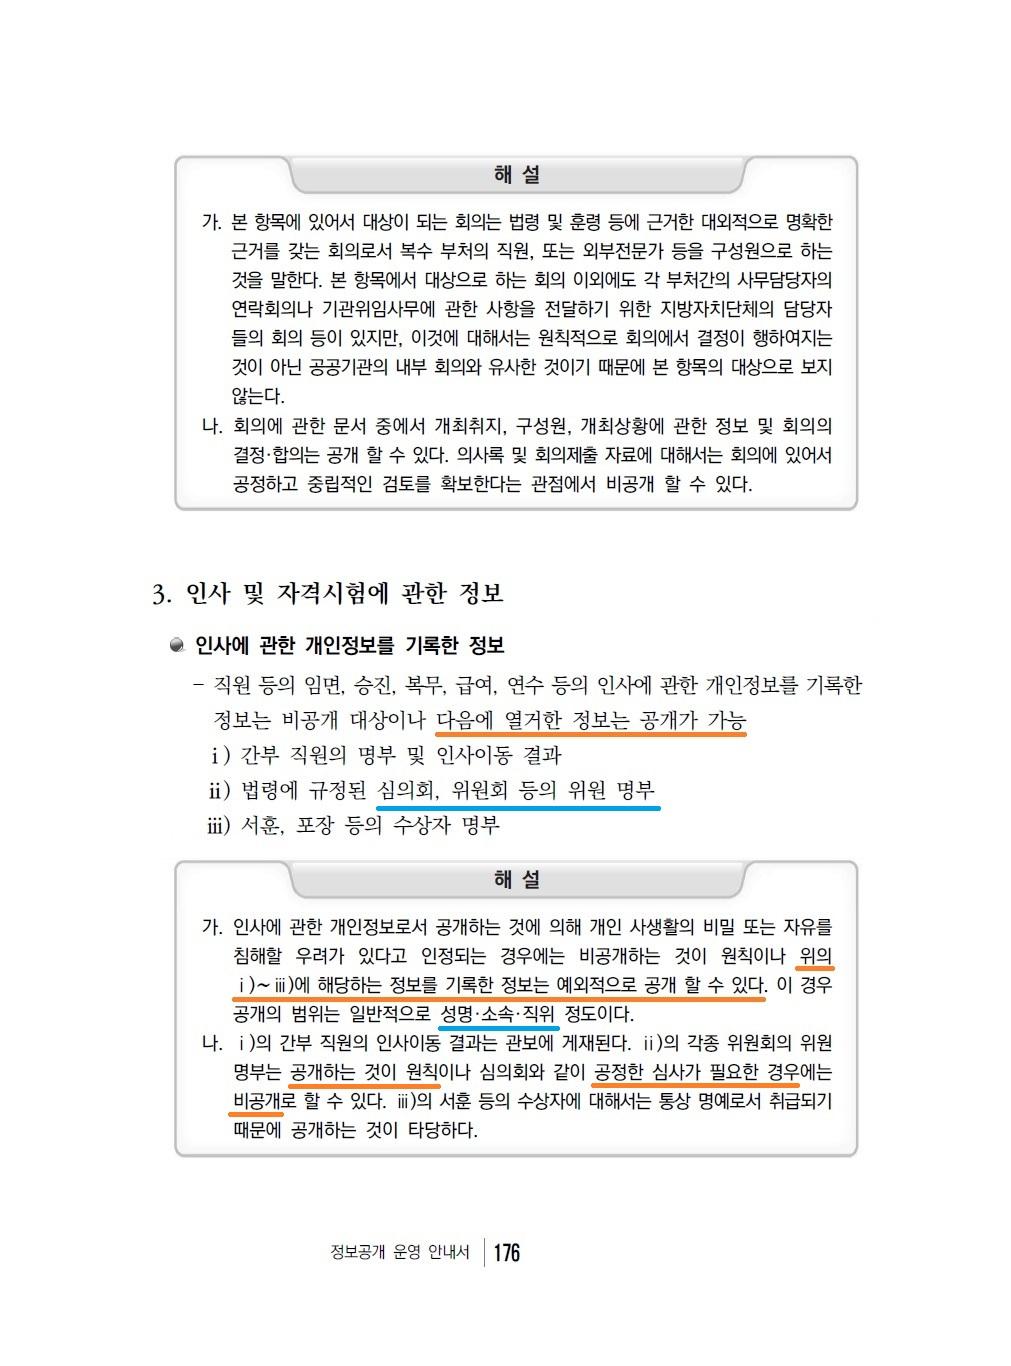 행정안전부 2019 정보공개 운영 국민 안내서_176쪽_인사에 관한 심의회 위원명부 공개 가능.jpg